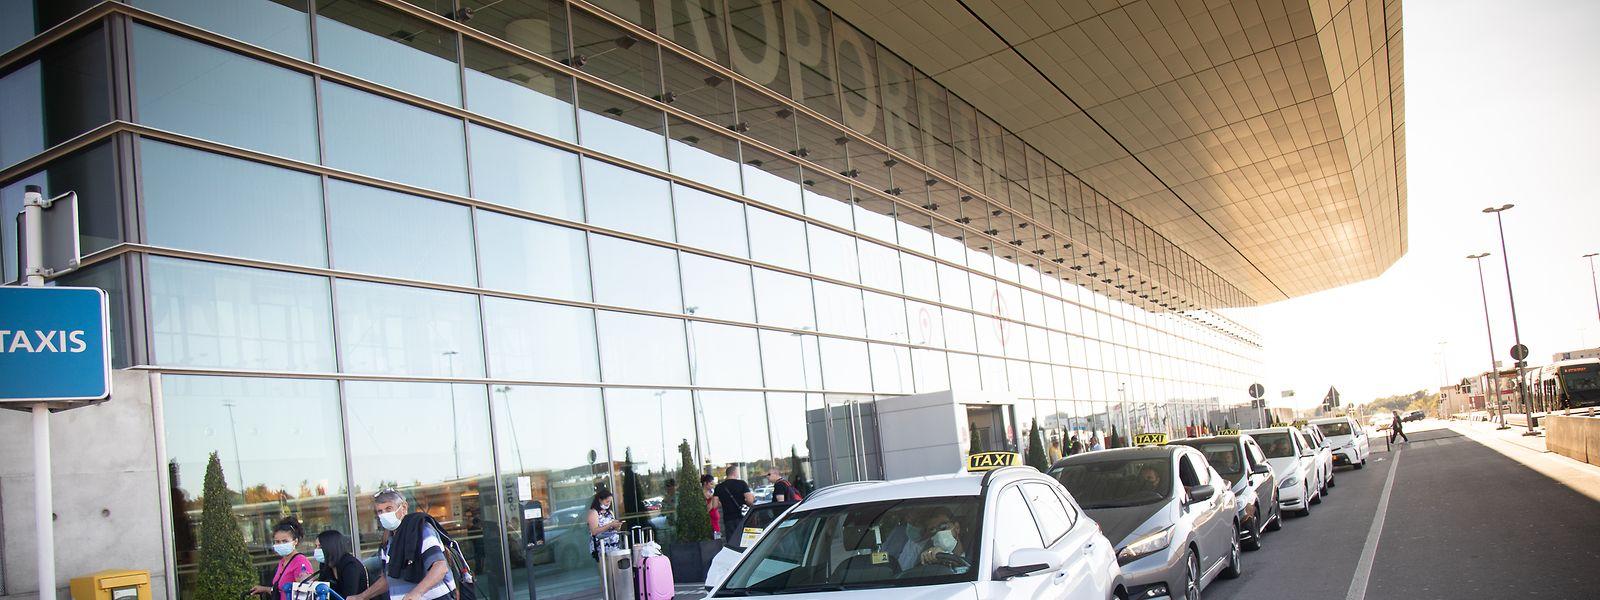 Nach der Reform könnten die Preise etwa am Flughafen steigen.